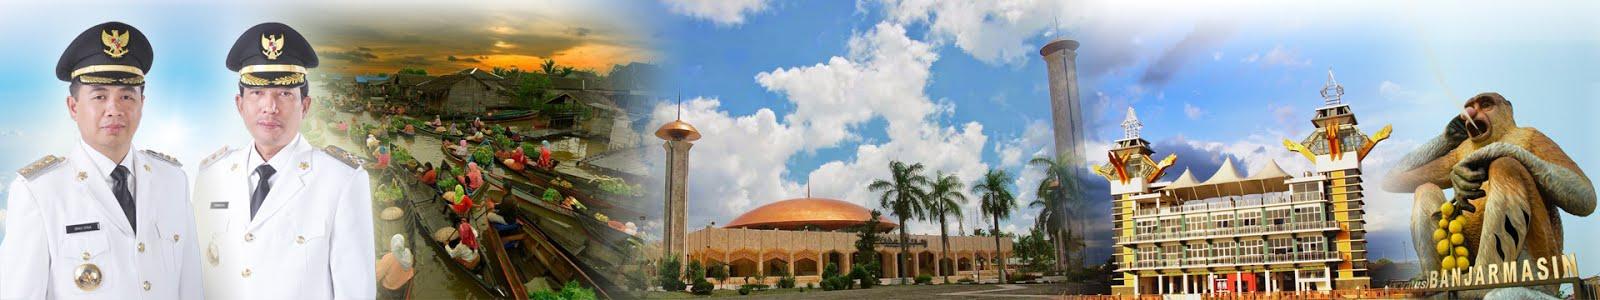 Dinas Kebudayaan dan Pariwisata Kota Banjarmasin